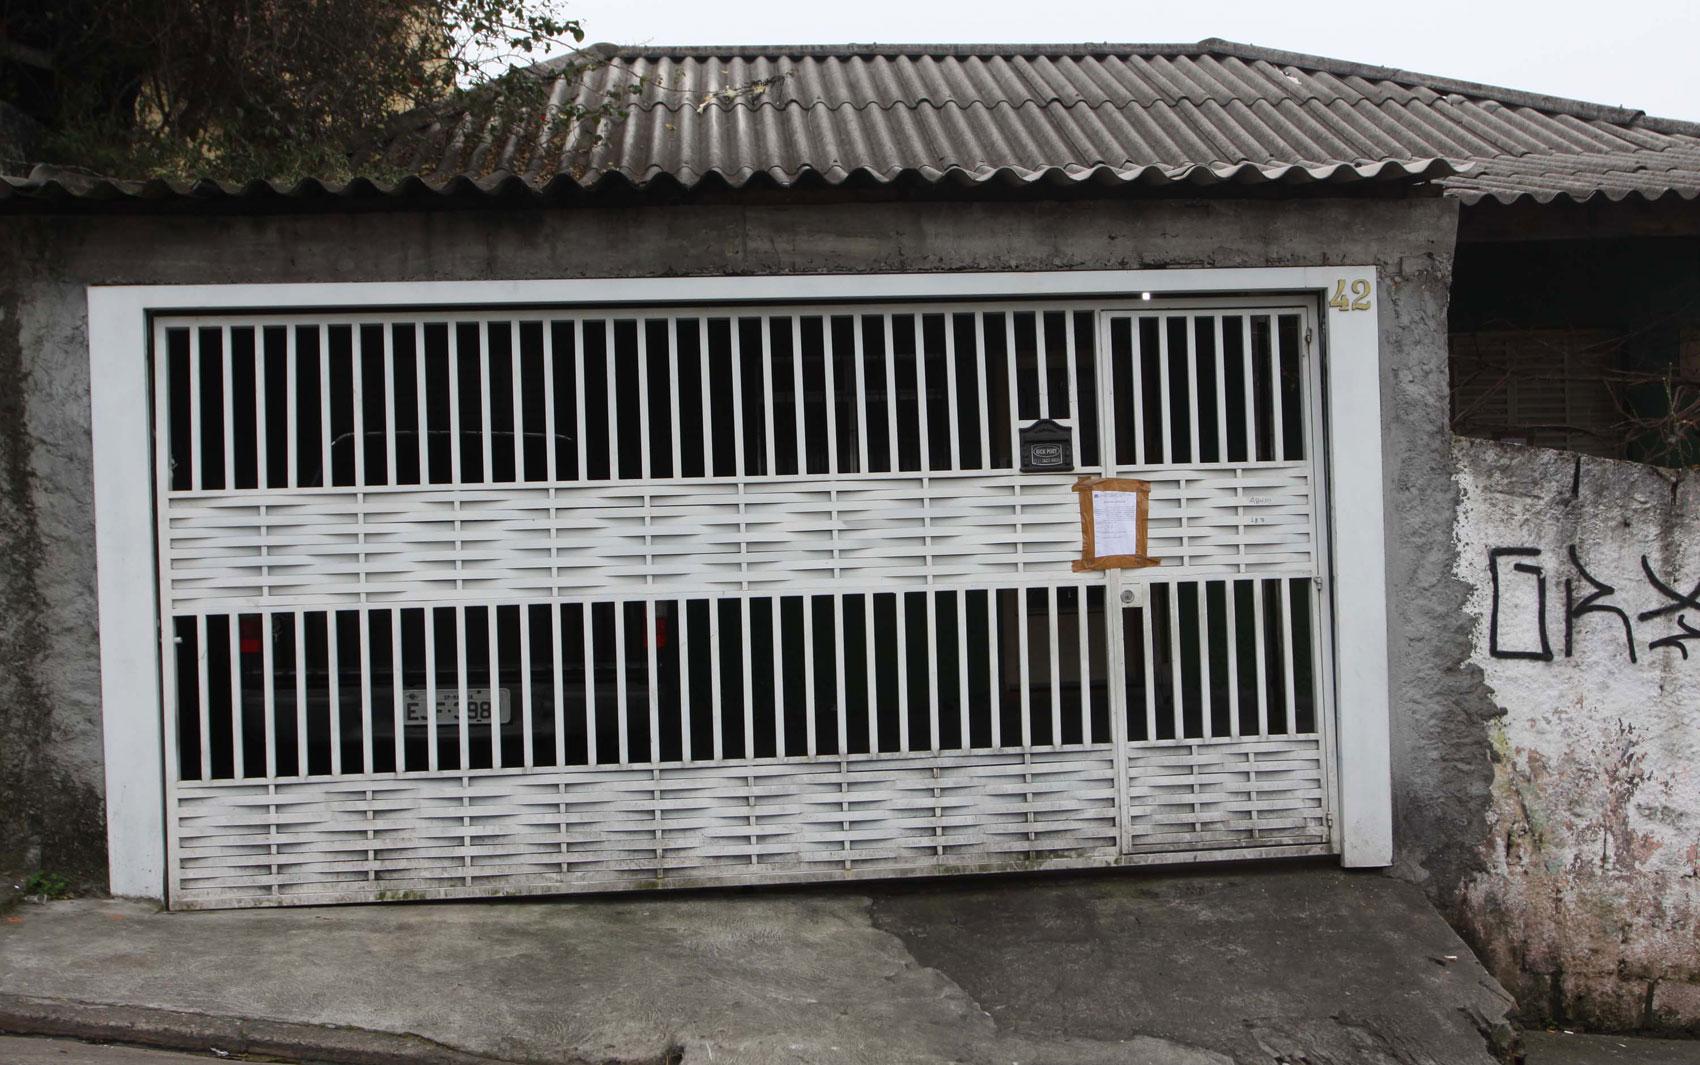 Portão da casa da família, que amanheceu lacrada na Rua Dom Sebastião, no Bairro da Brasilândia